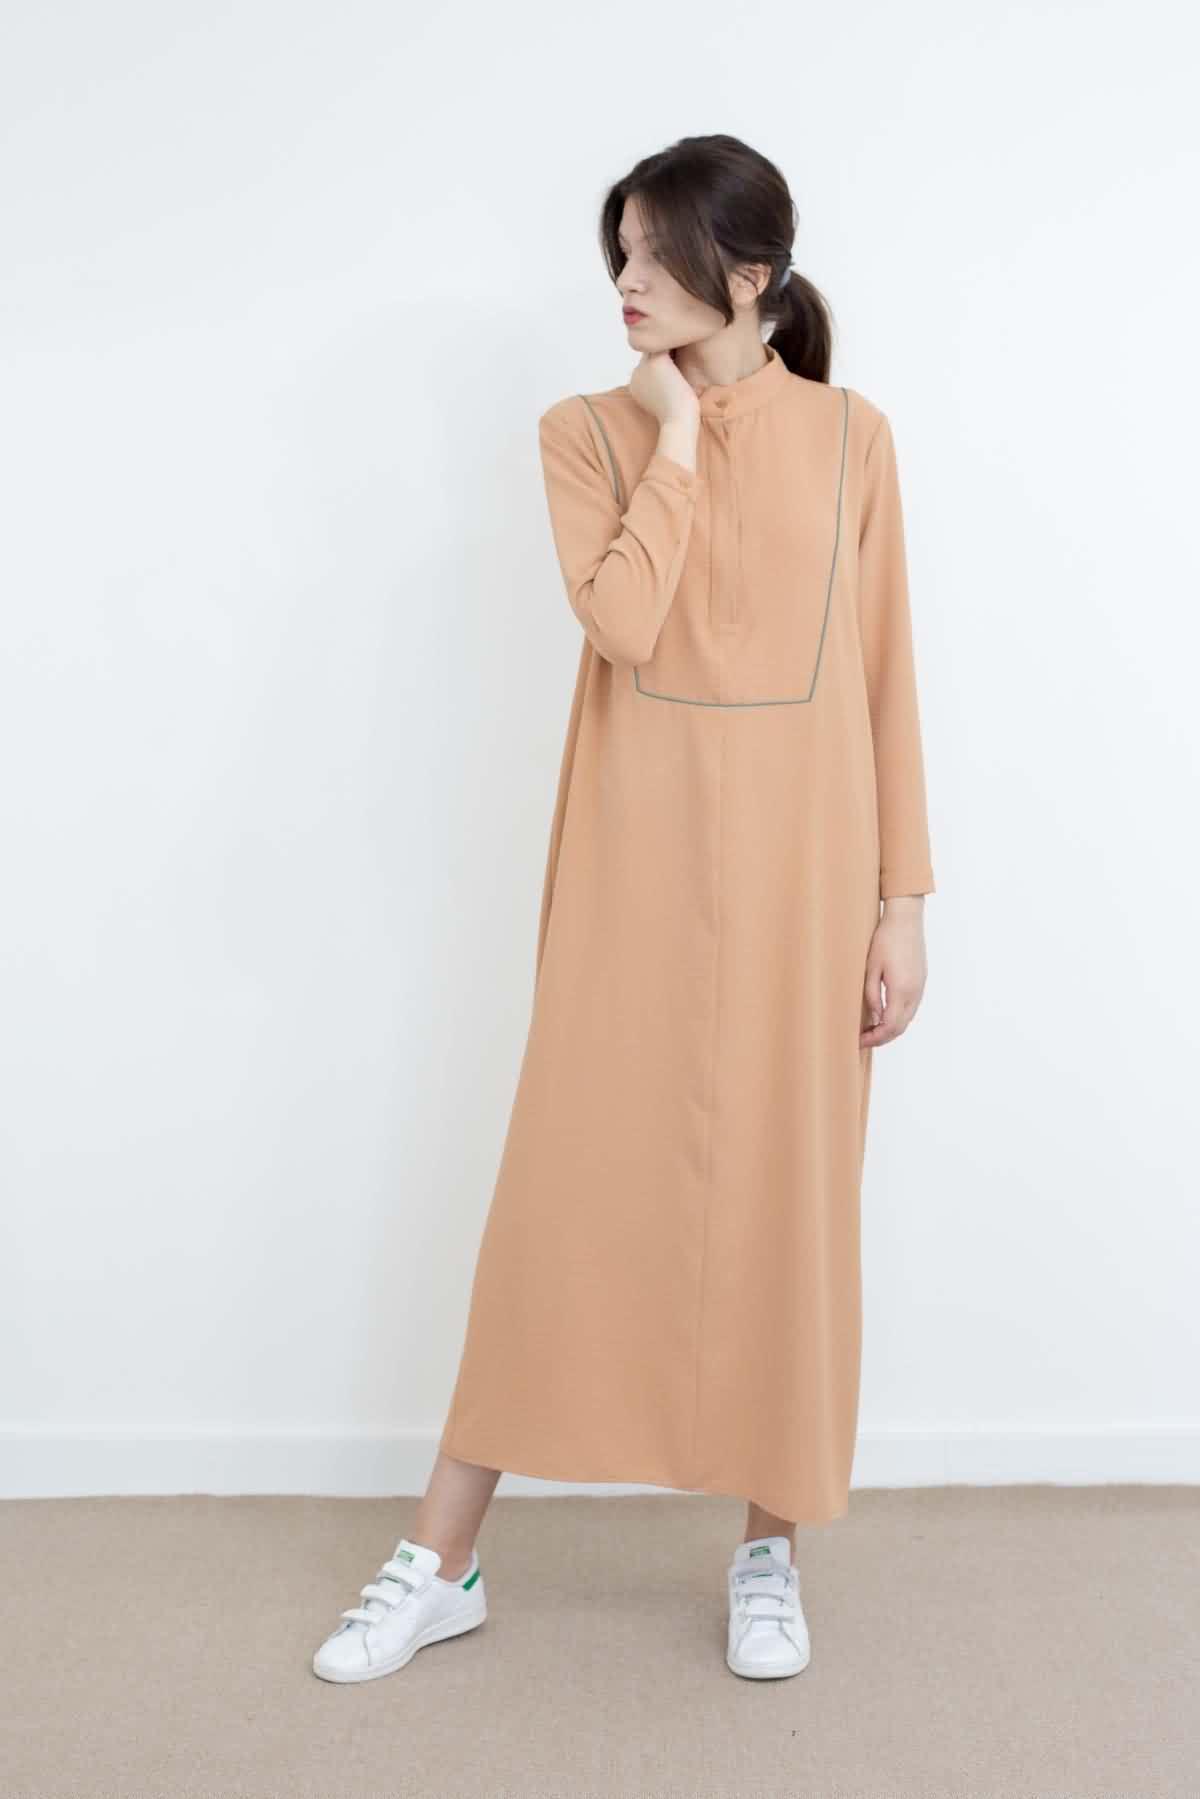 Mevra - Basıc Biyeli Elbise Somon